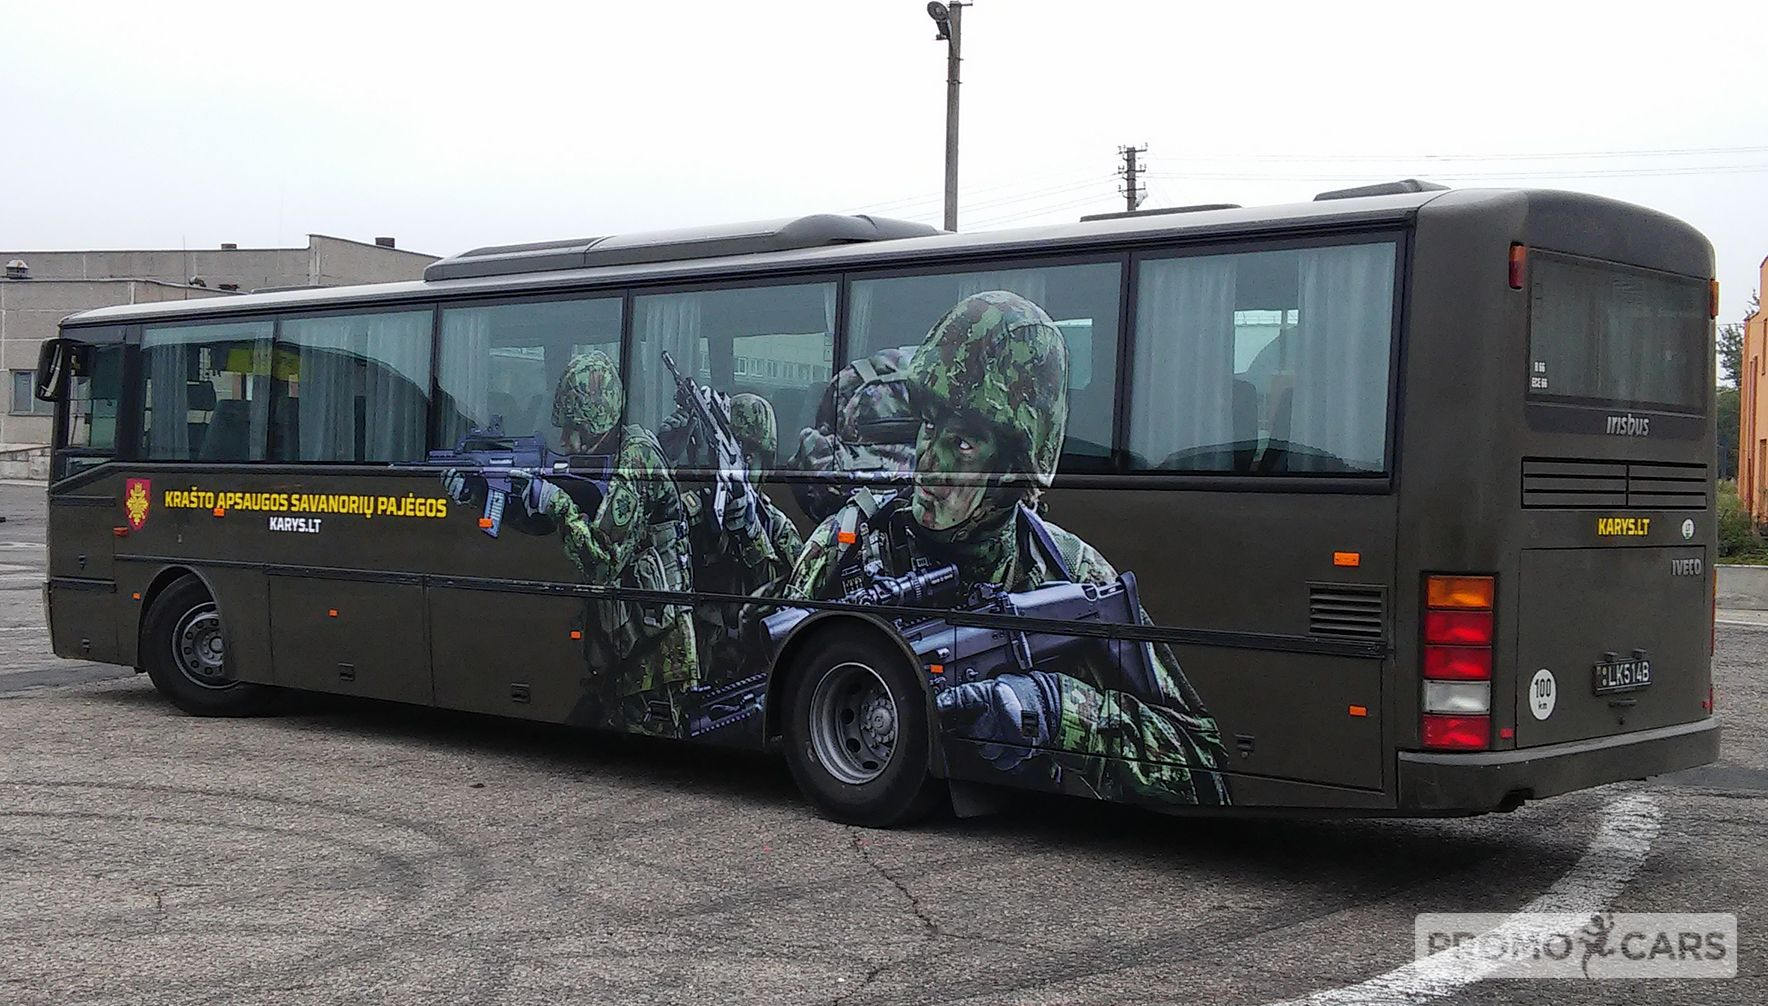 autobuso apklijavimas reklama